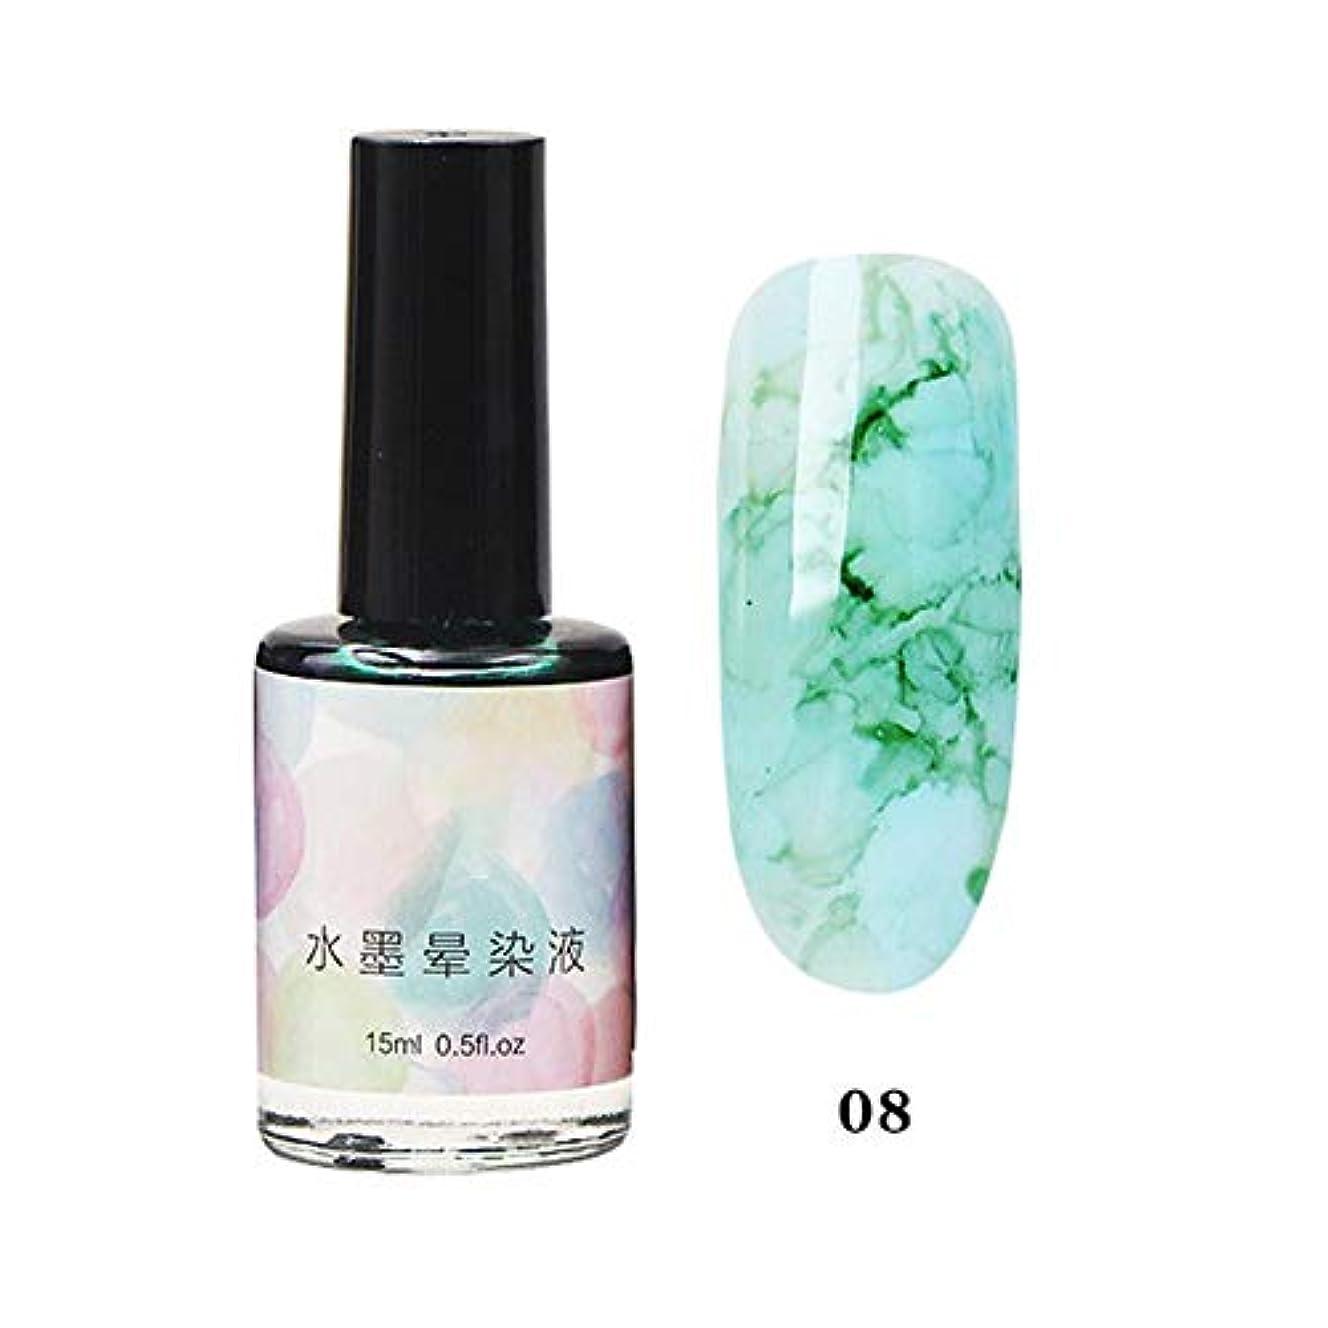 入場暖かく前提条件11色選べる ネイルポリッシュ マニキュア ネイルアート 美しい 水墨柄 ネイルカラー 液体 爪に塗って乾かす 初心者でも簡単に使用できる junexi